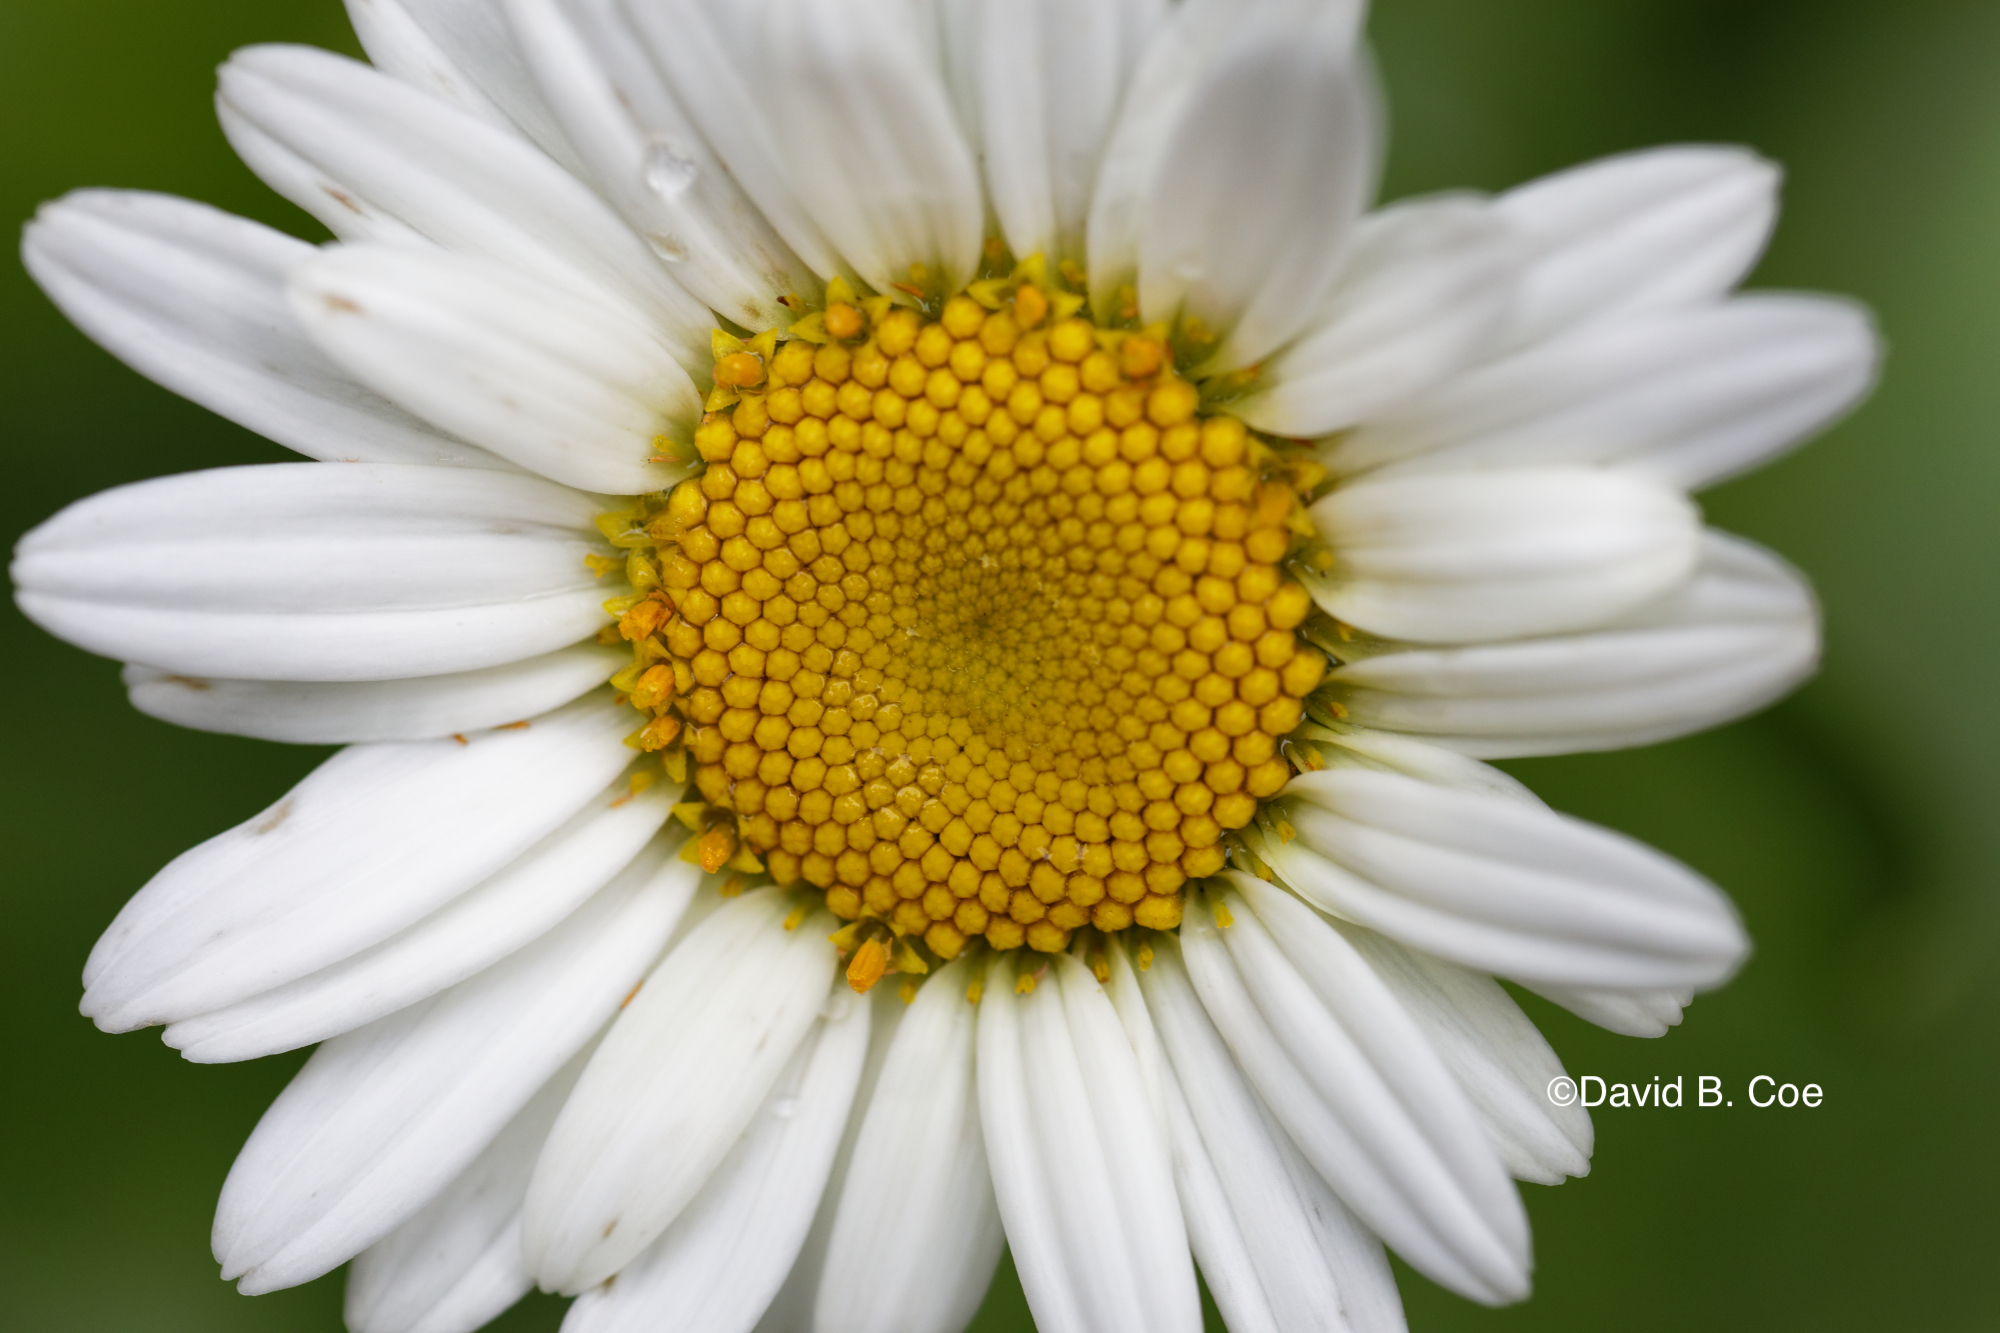 Daisy After Rain, by David B. Coe